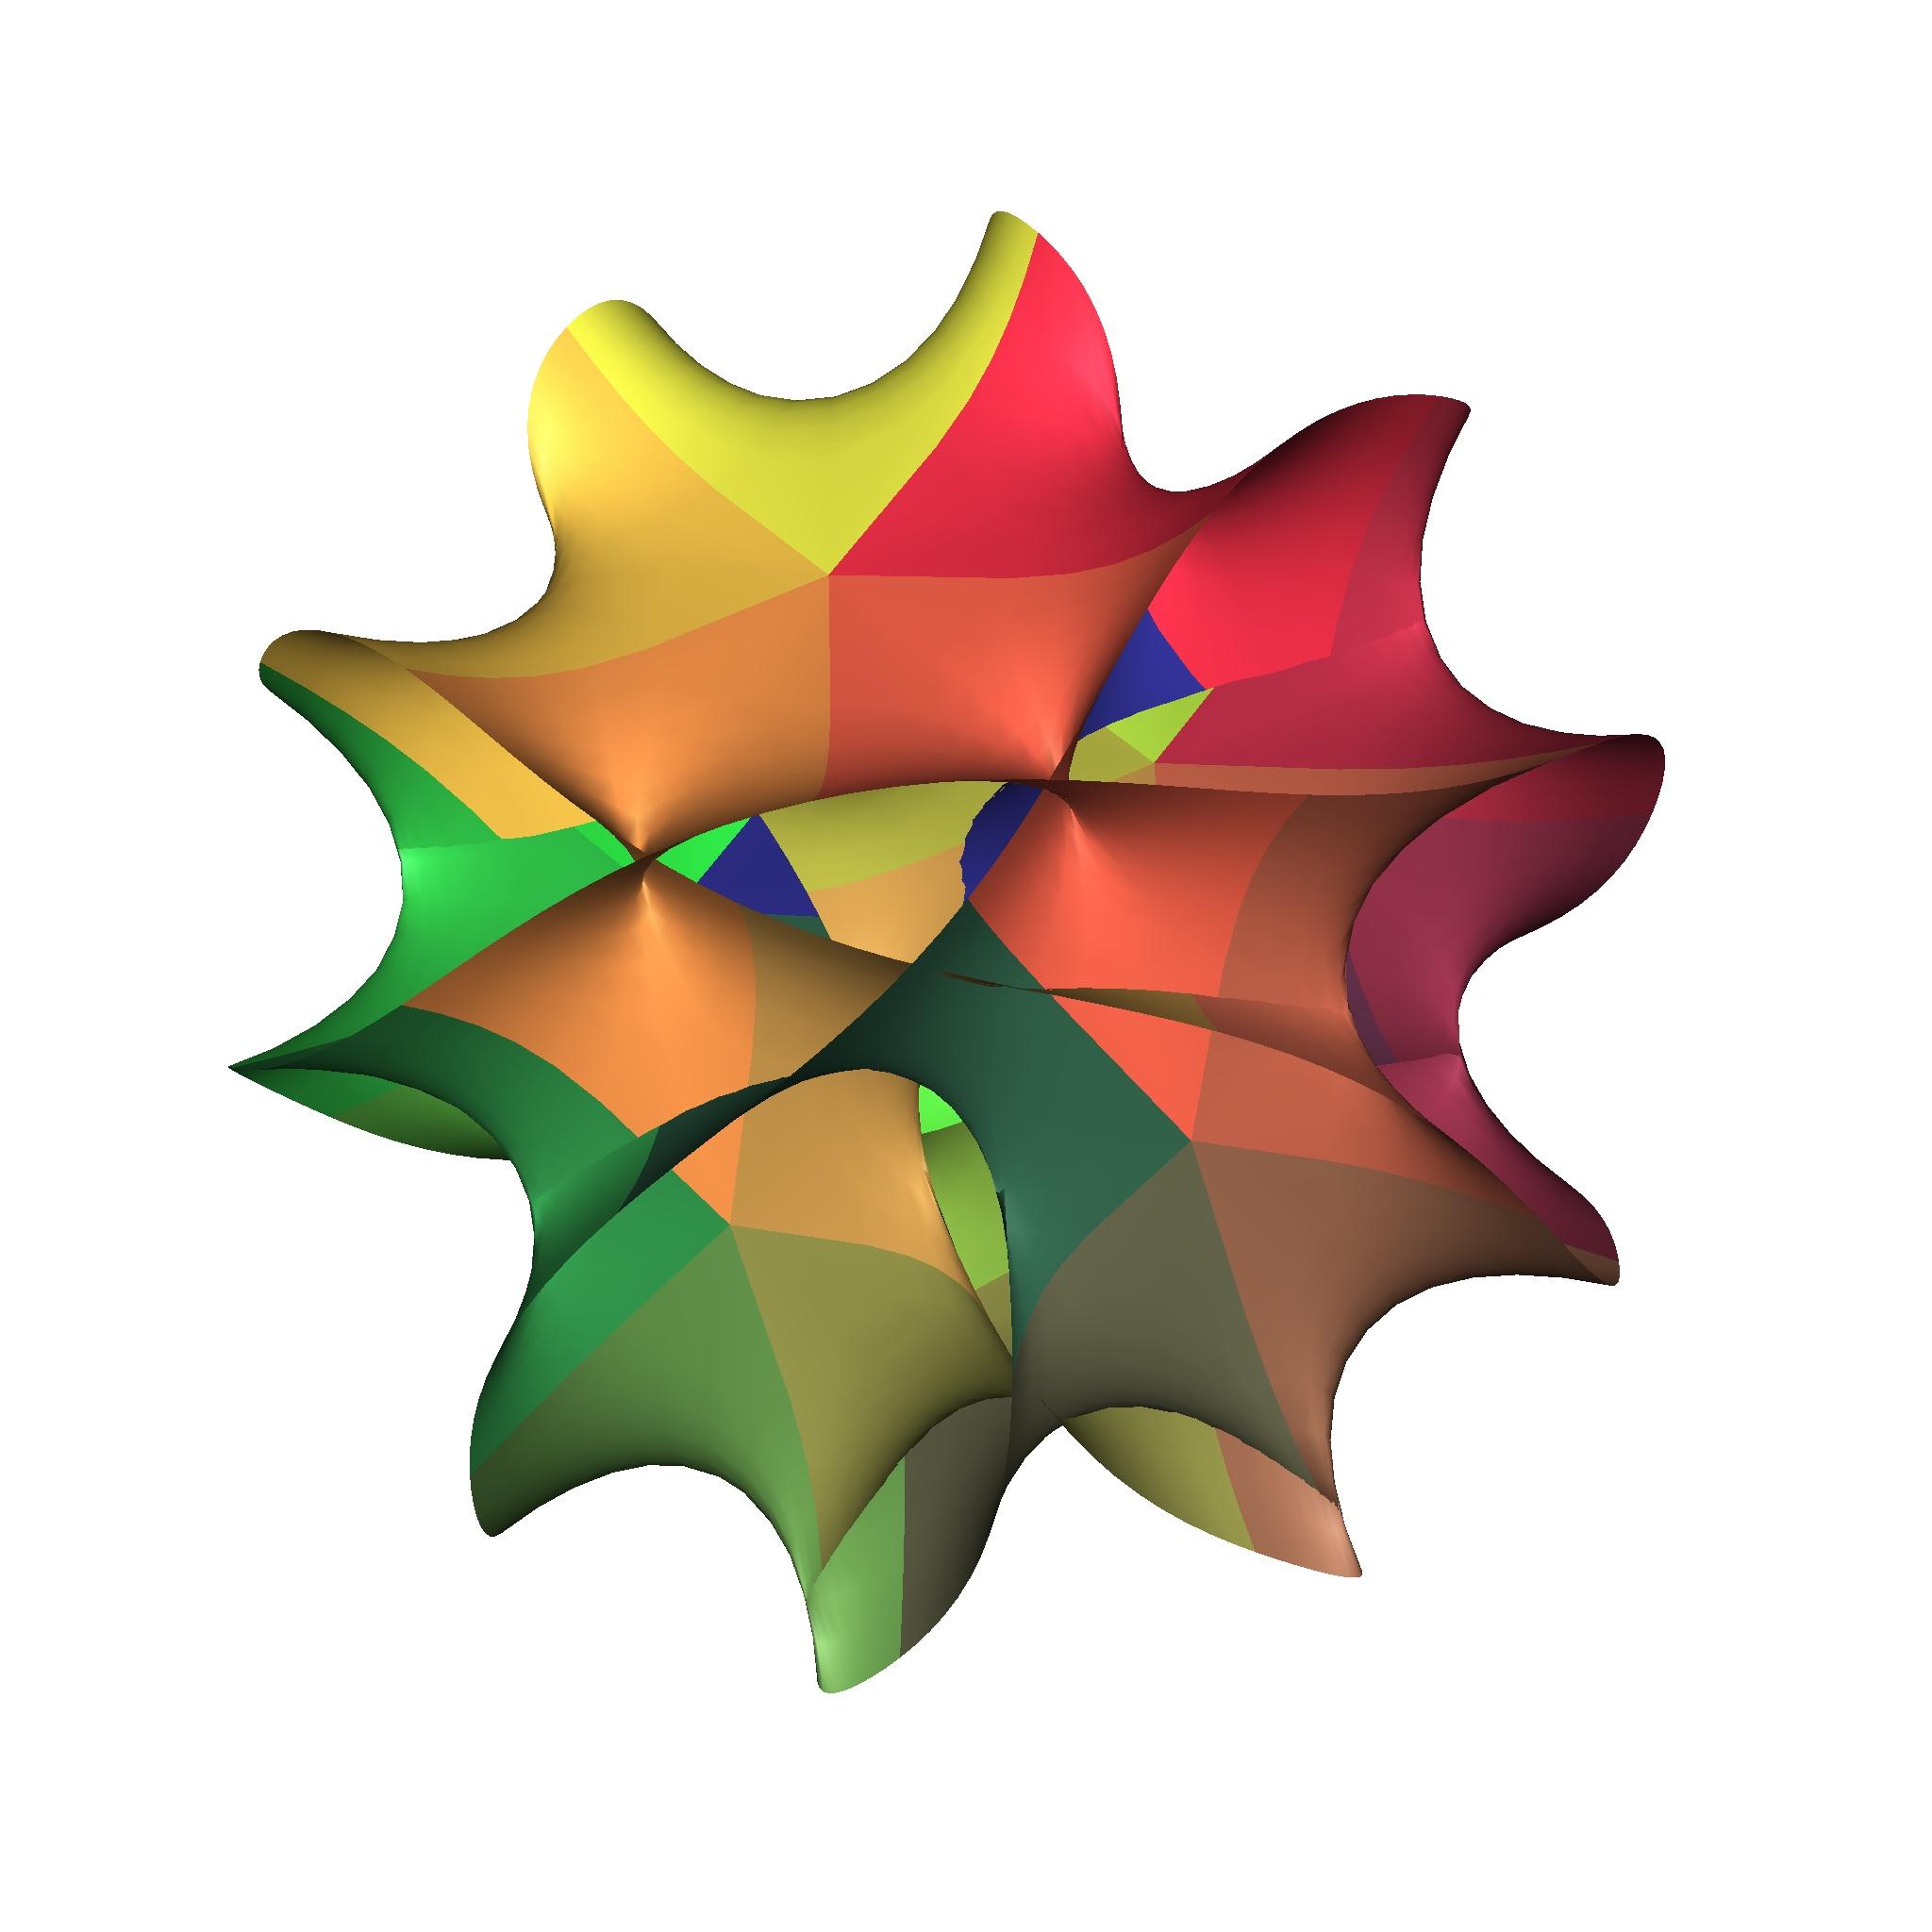 Thuyết dây và những sợi tơ vô hình: sự lụi tàn và trỗi dậy của chìa khóa mở ra không gian nhiều chiều - Ảnh 4.